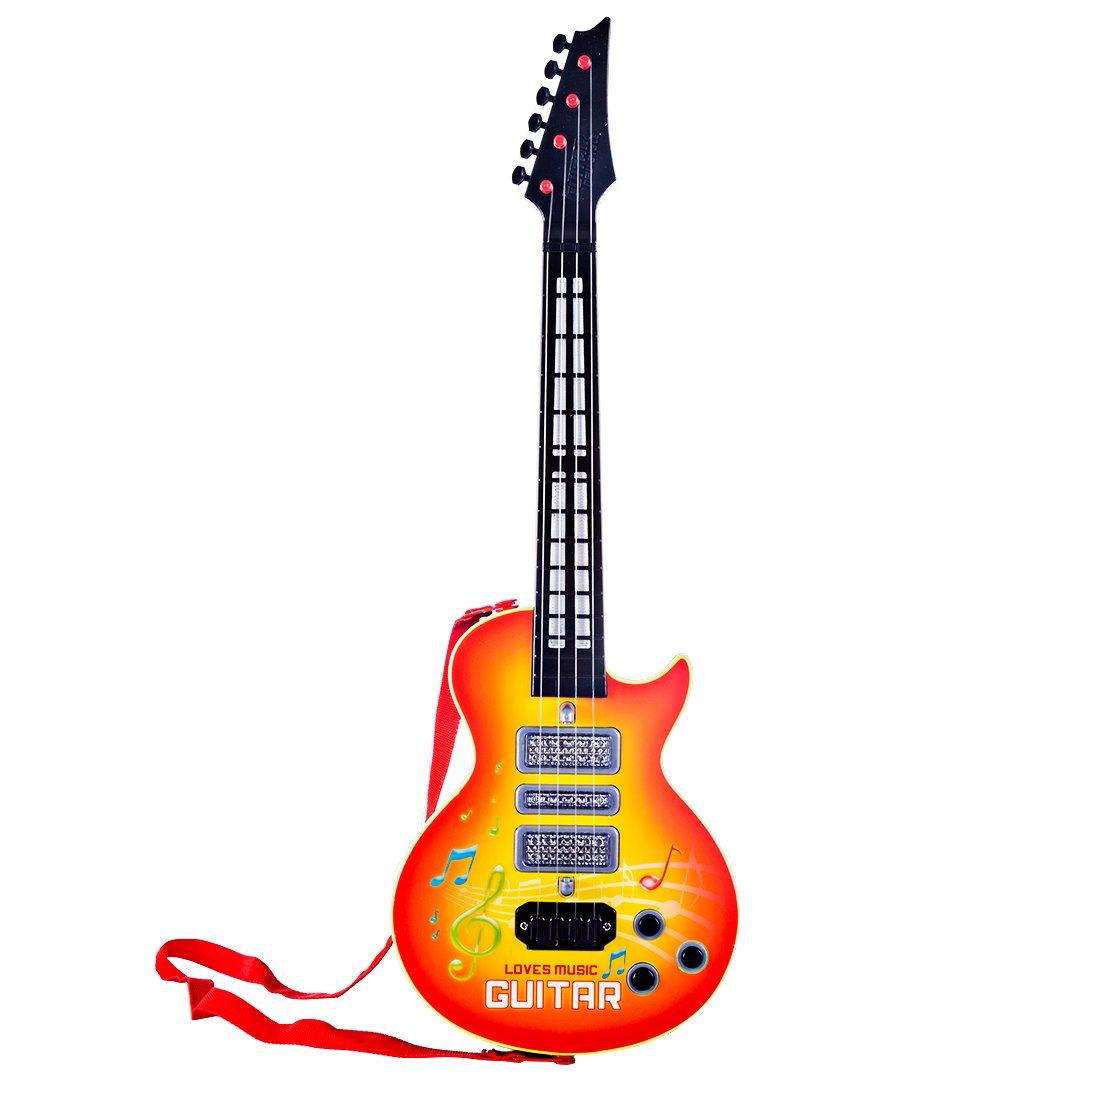 BOROK Guitarra Electrica Juguete Instrumento de Cuerda para Niños: Amazon.es: Juguetes y juegos